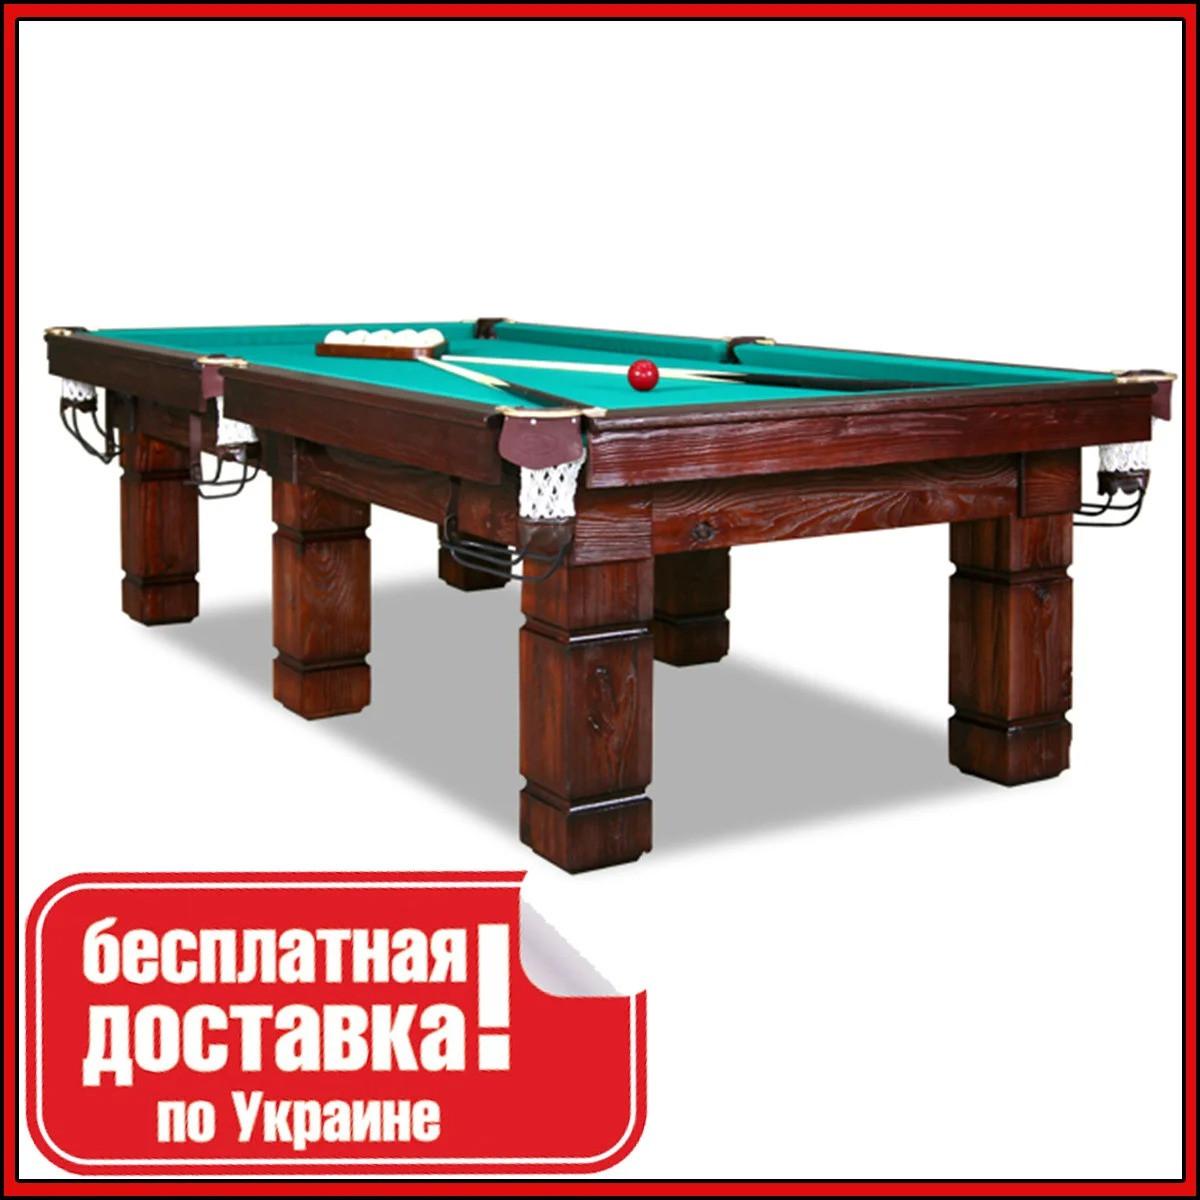 Більярдний стіл для гри в рускую піраміду АСКОЛЬД 9 футів Ардезія 2.6 м х 1.3 м